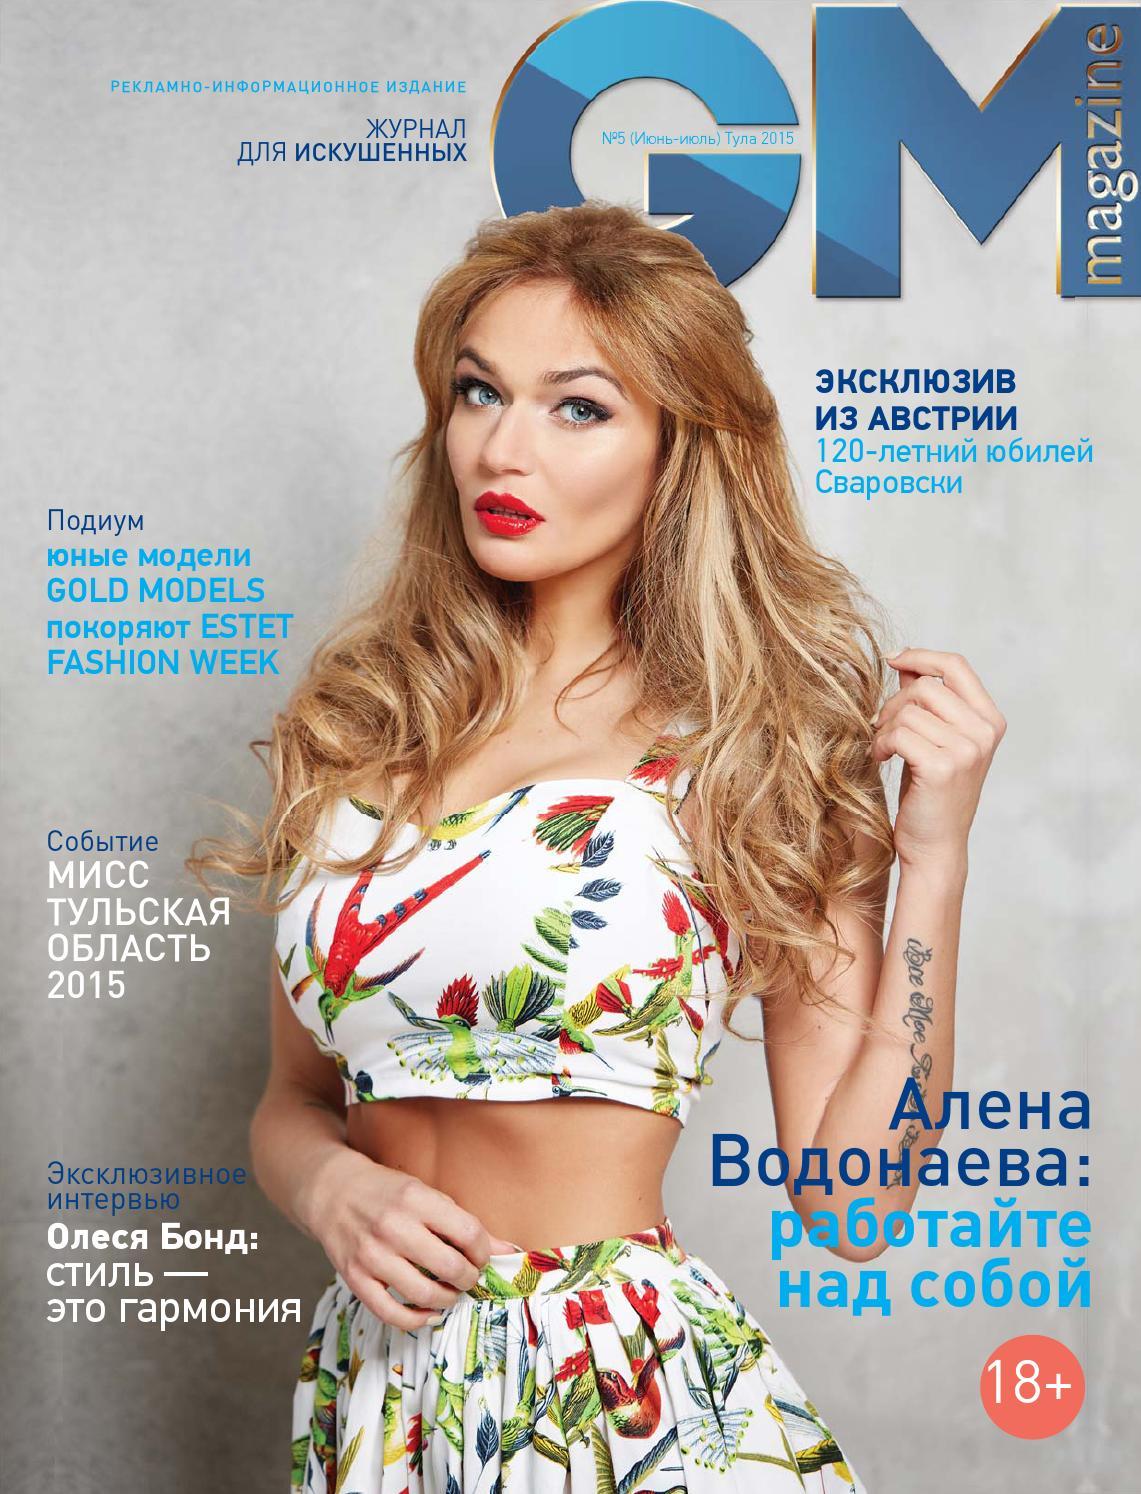 Голая Алена Водонаева | Фото и видео голой Алены Водонаевой